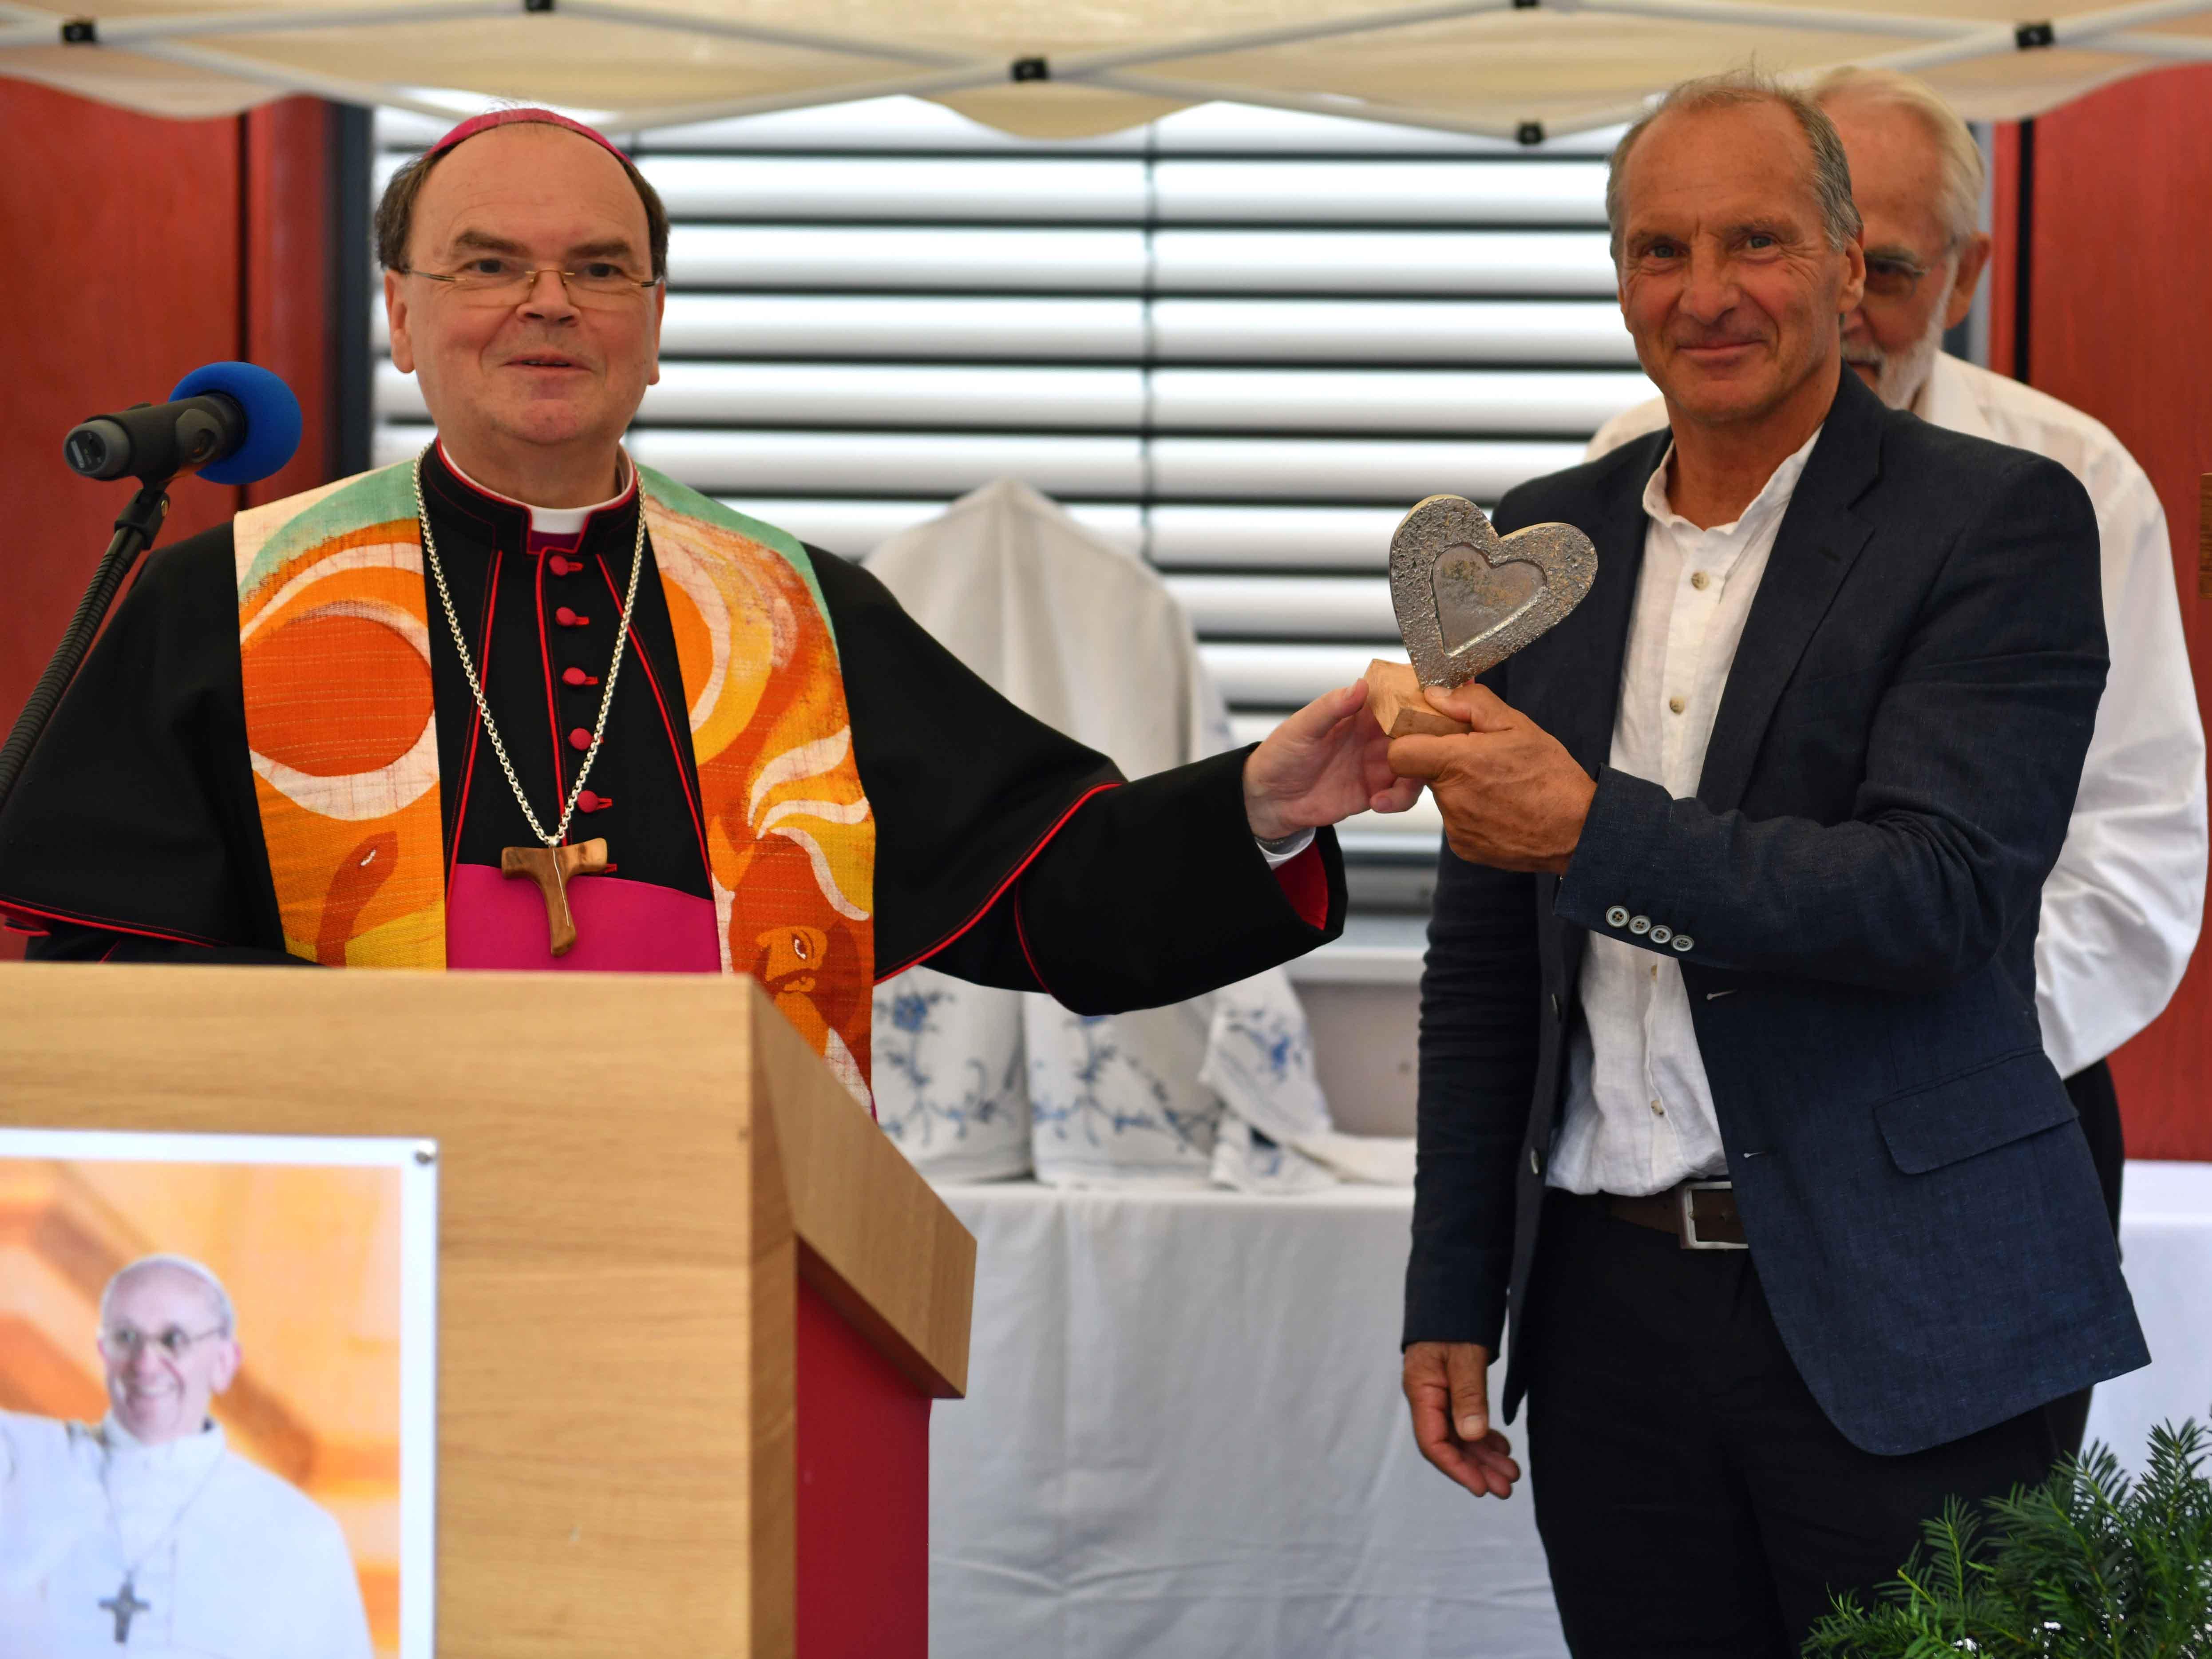 Bischof Dr. Bertram Meier überreicht Caritas-Geschäftsführer Dr. Walter Semsch ein Herz als Symbol für die Arbeit der Caritas. (Fotos: Julian Schmidt / pba)